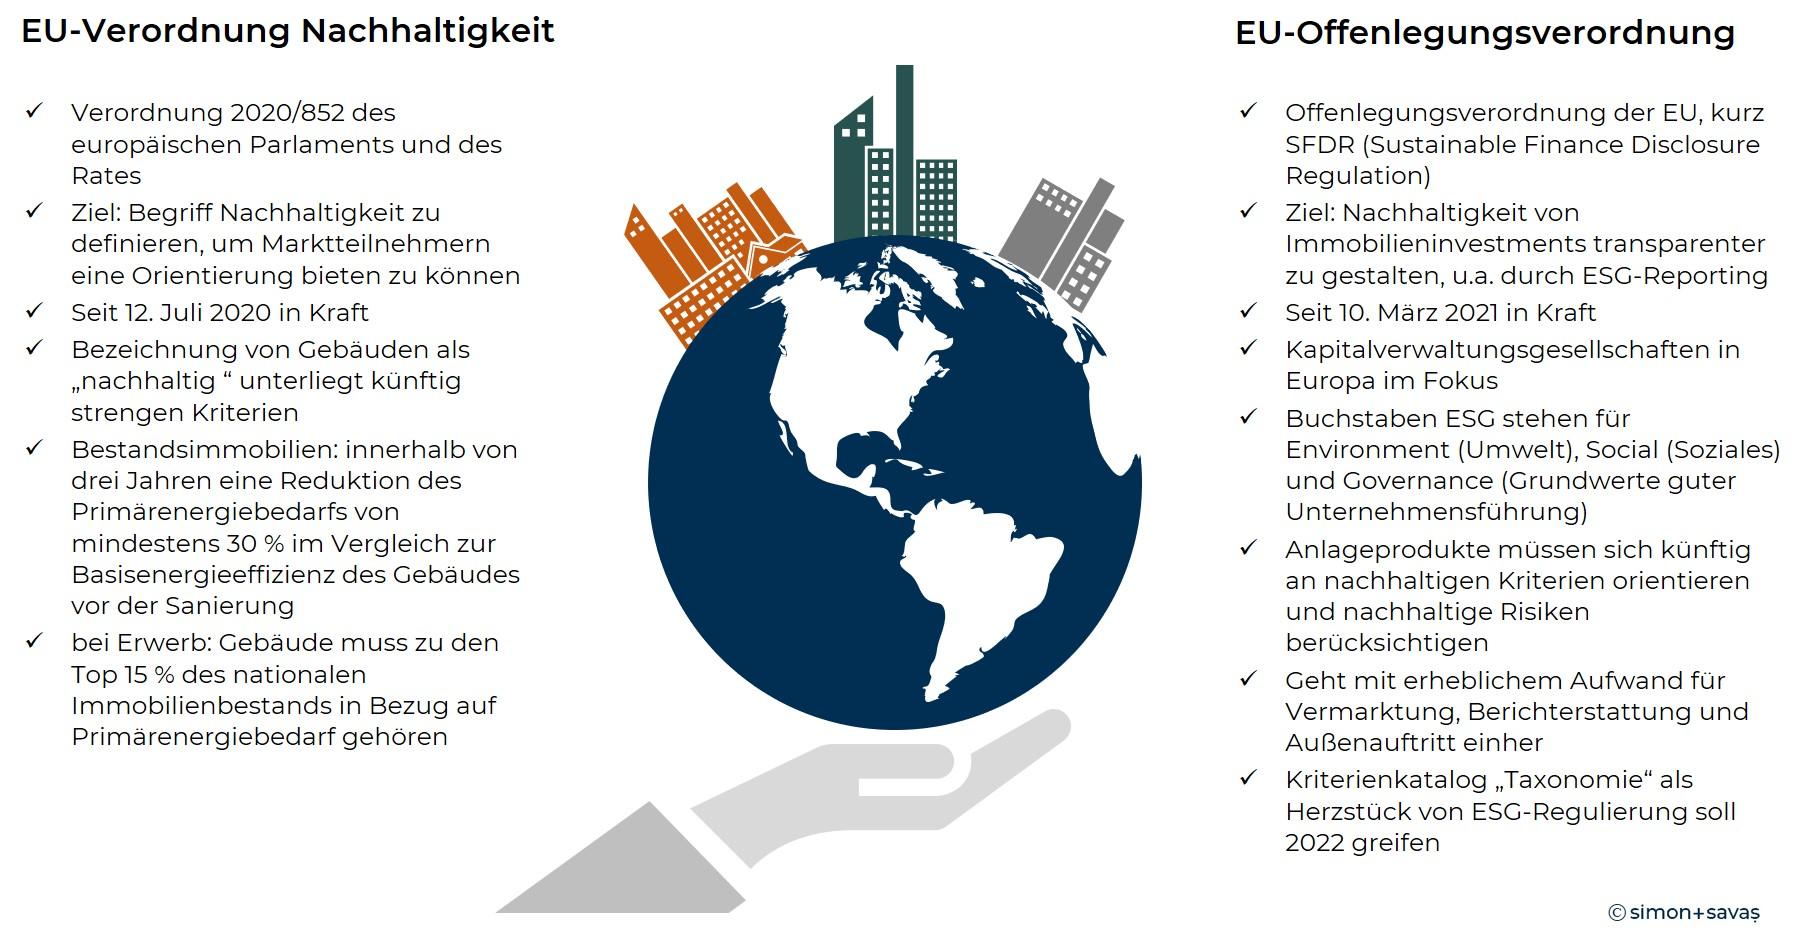 Fakten EU-Verordnungen Nachhaltigkeit Immobilienwirtschaft